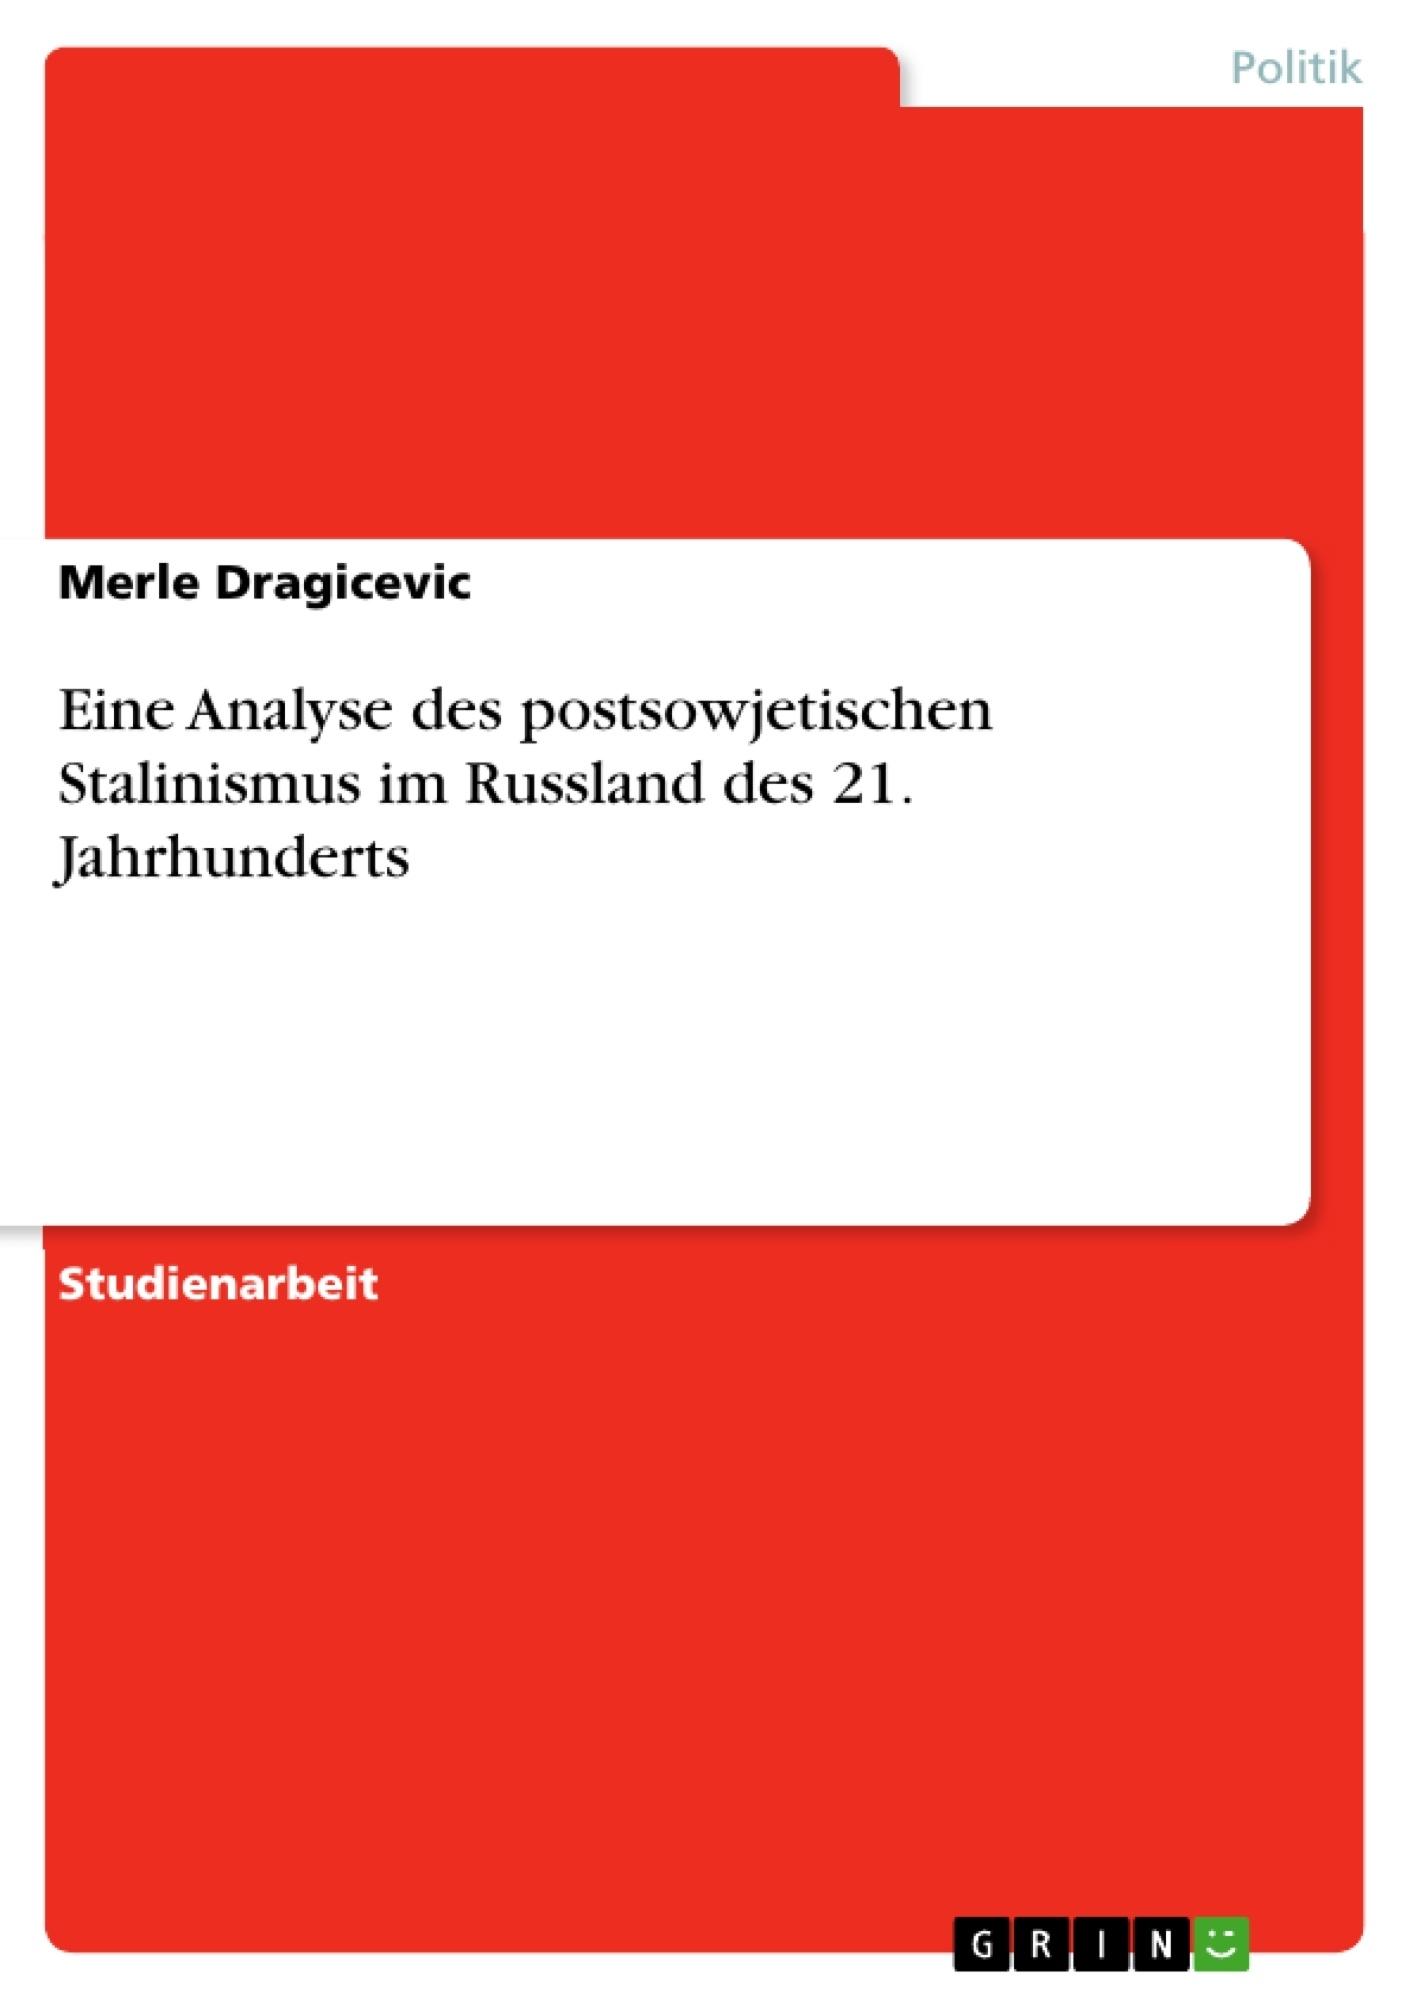 Titel: Eine Analyse des postsowjetischen Stalinismus im Russland des 21. Jahrhunderts